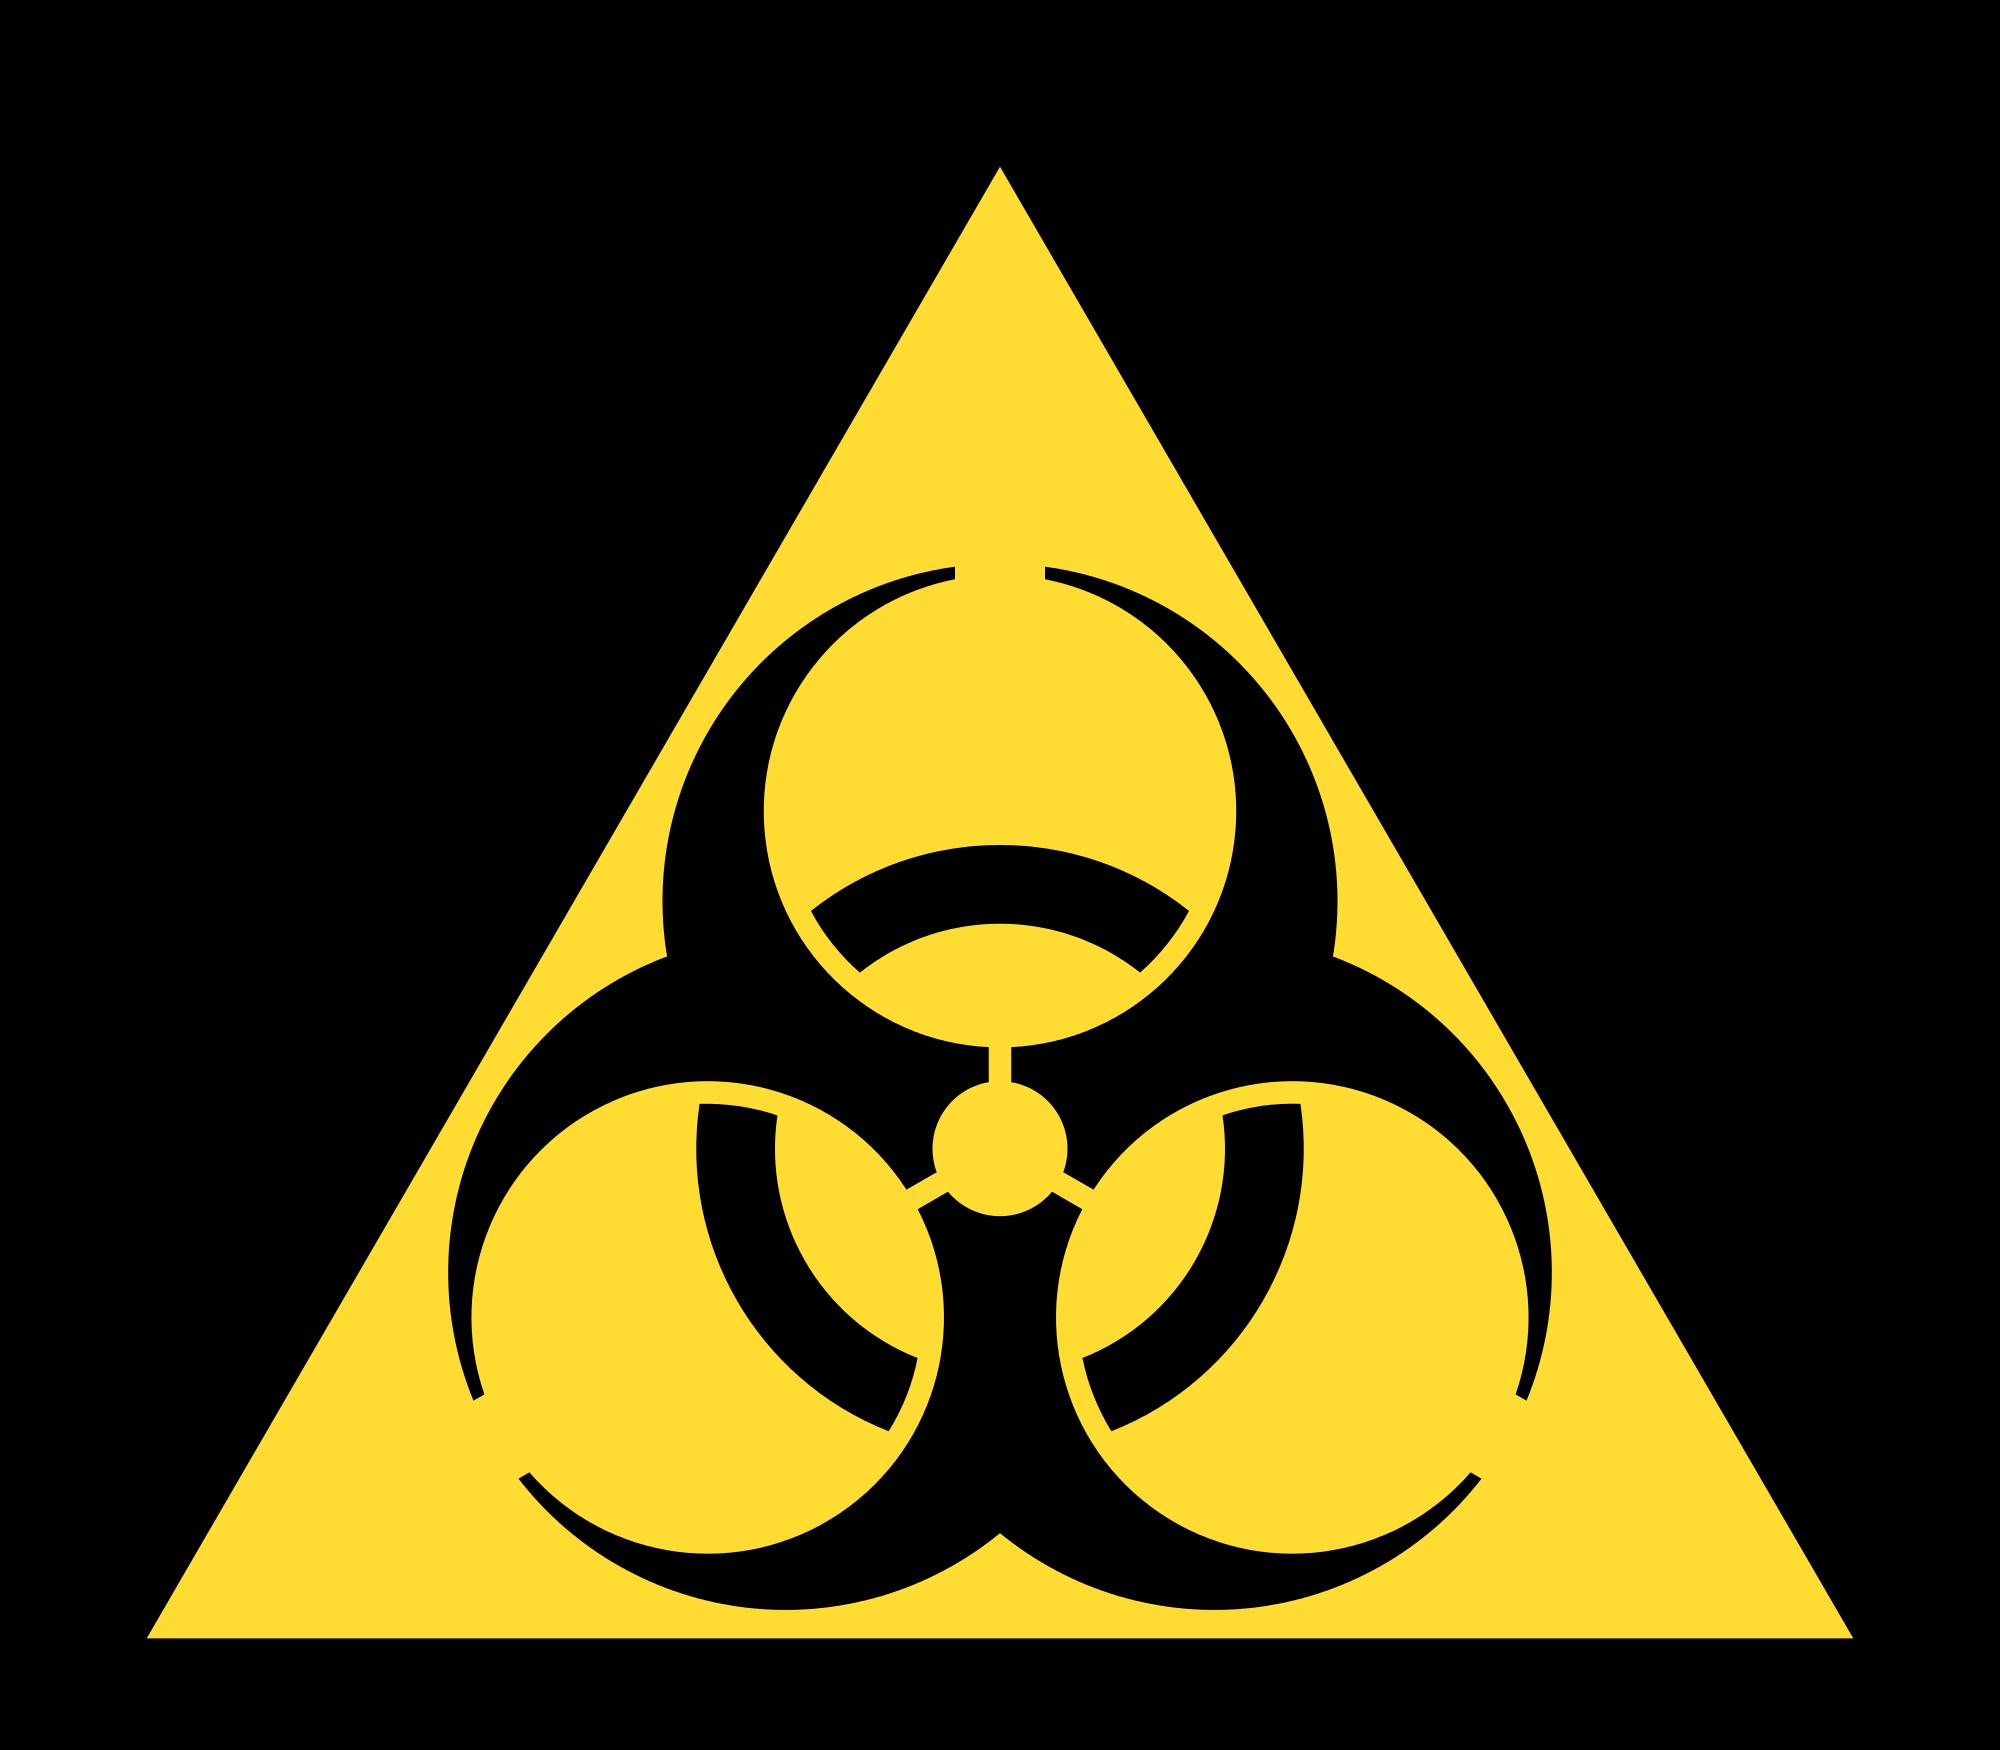 Biohazard Zeichen - ClipArt Best